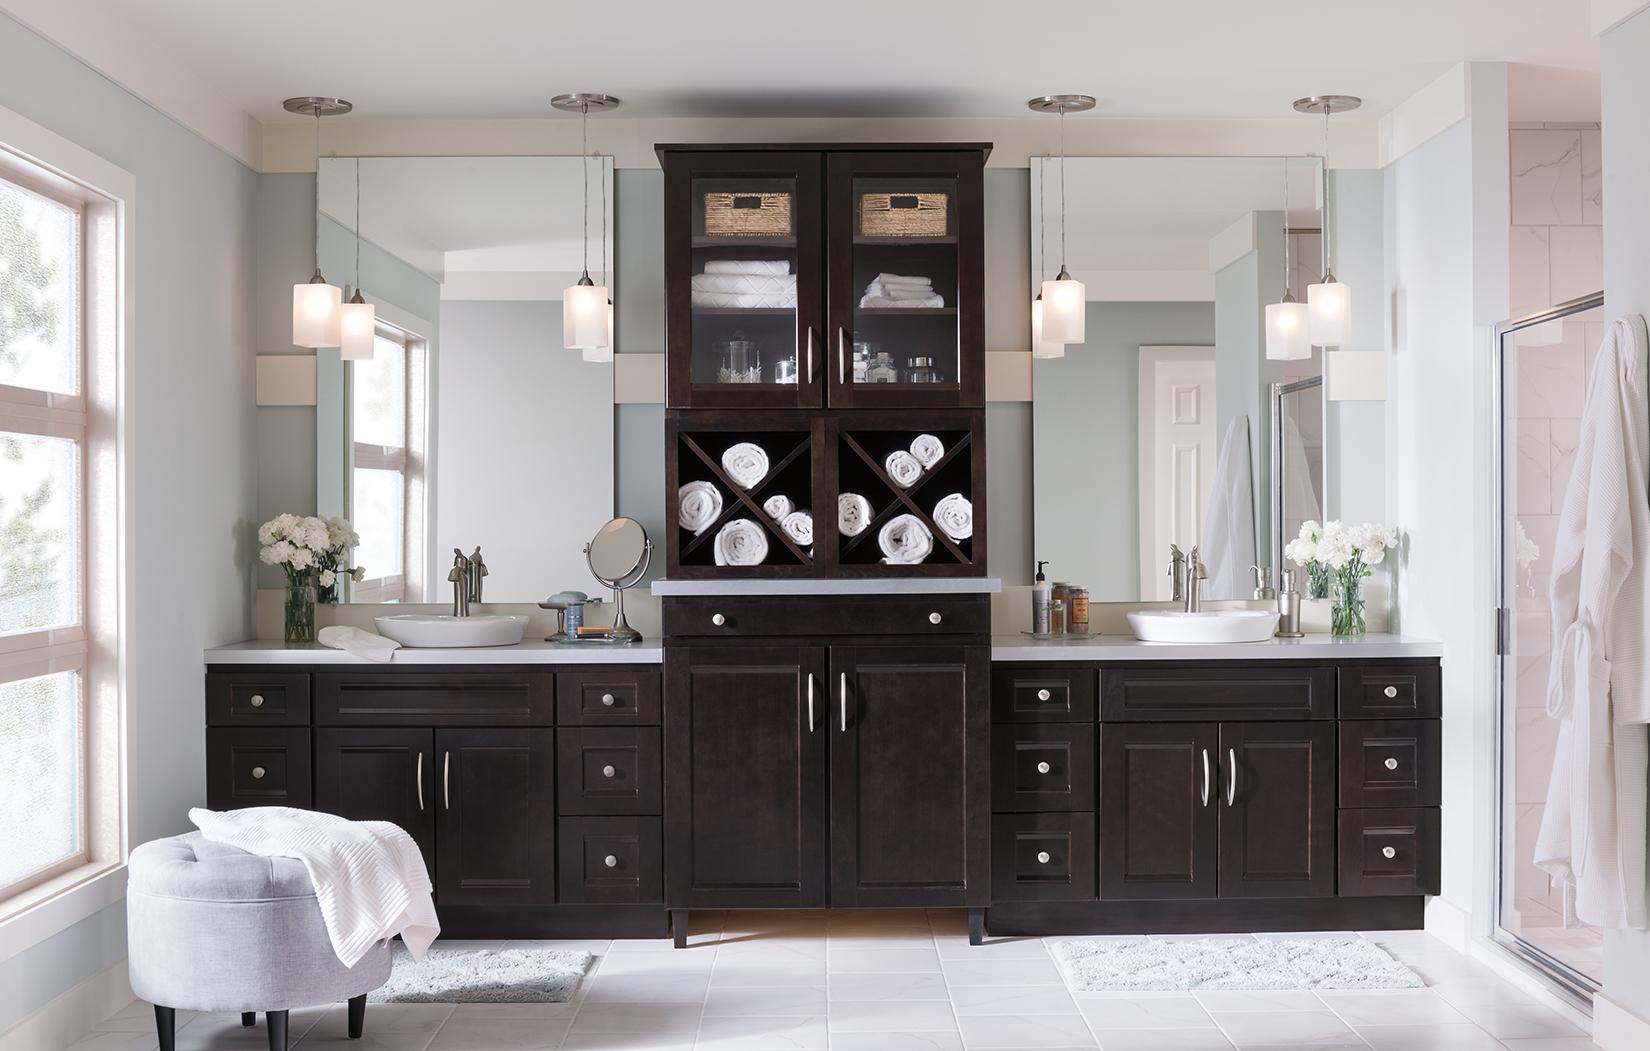 Homecrest Verano Bath Cabinets Store